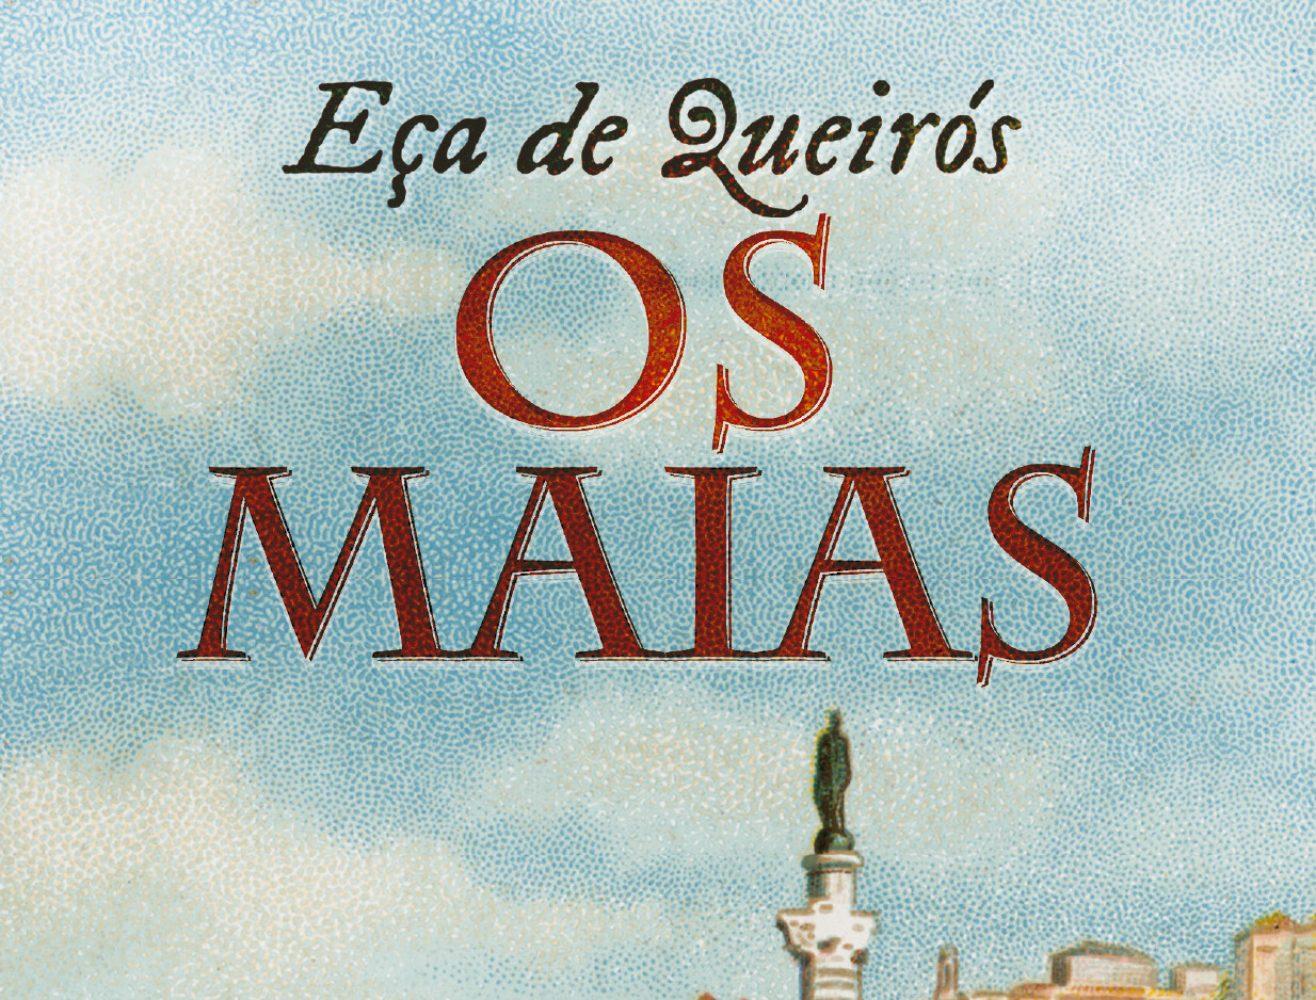 Capa do livro Os Maias